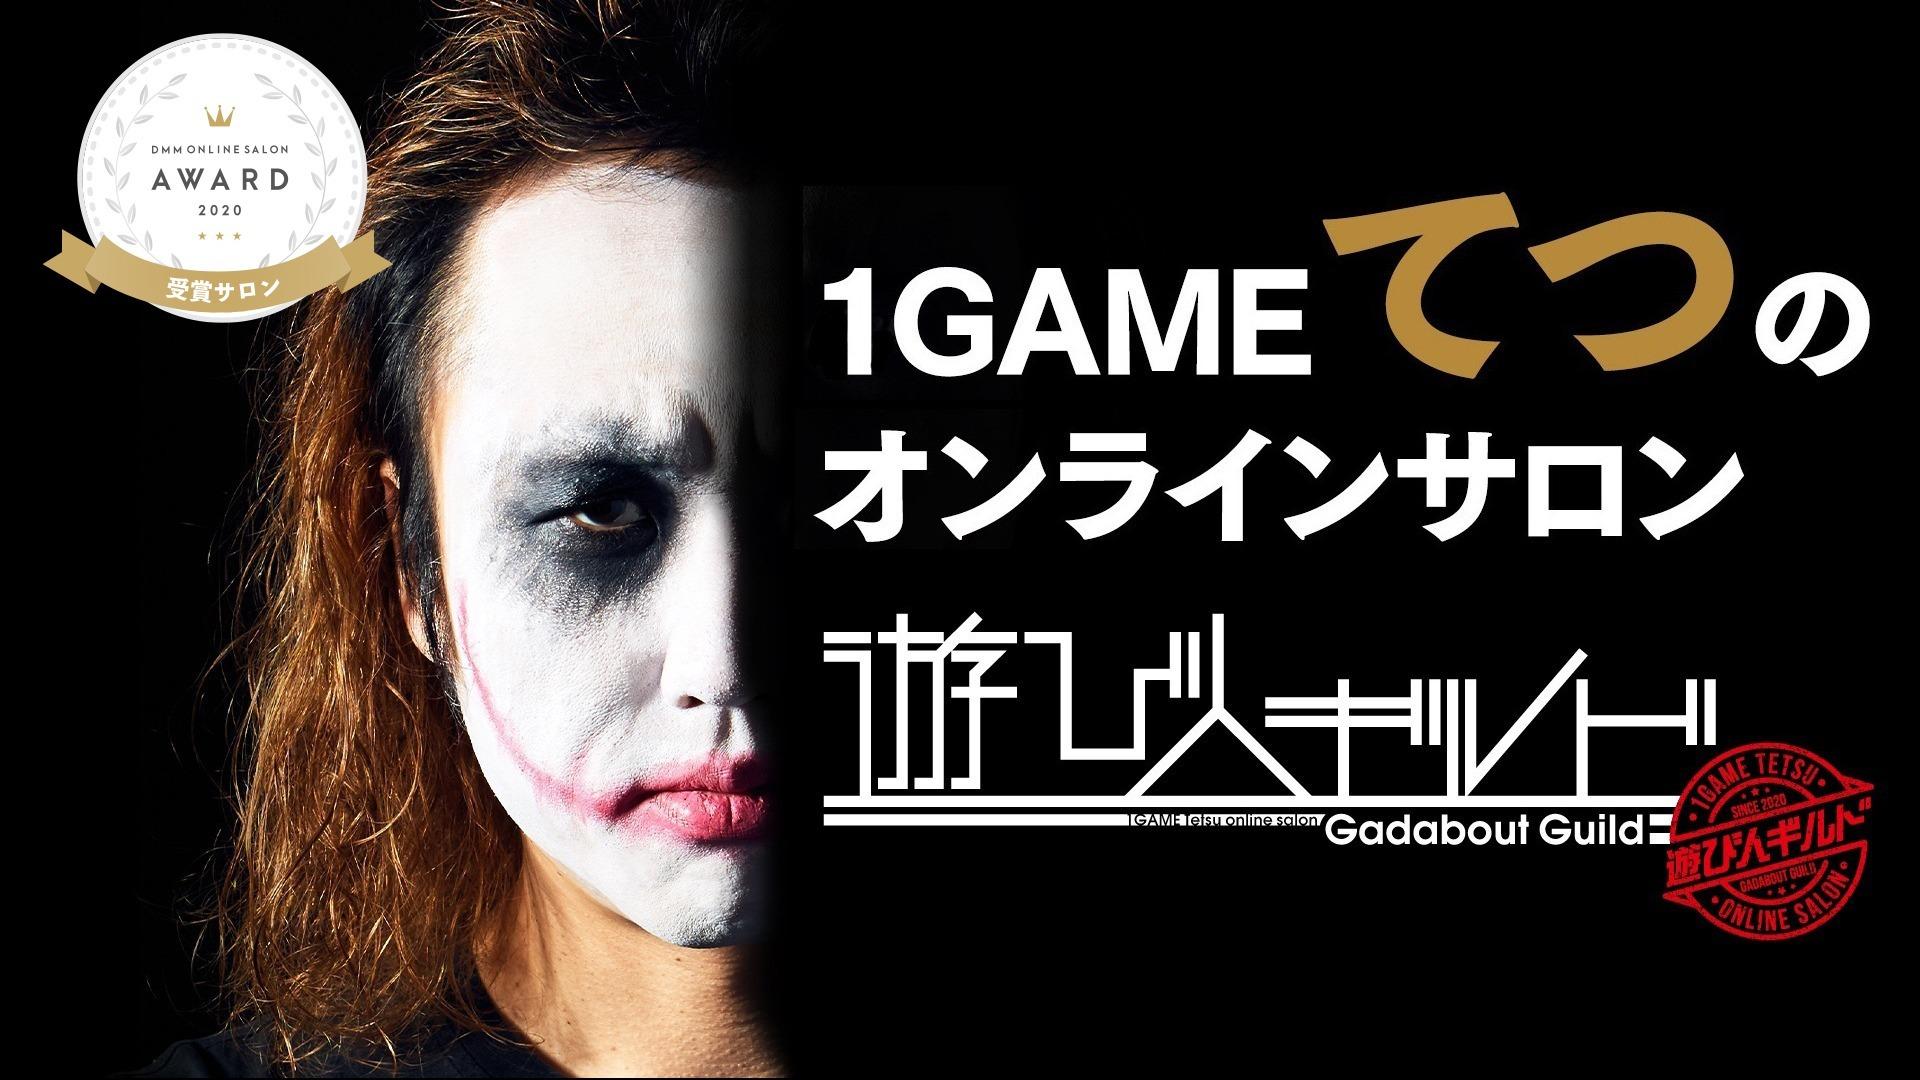 1GAMEてつ - 1GAMEてつのオンラインサロン『遊び人ギルド』 - DMM オンラインサロン